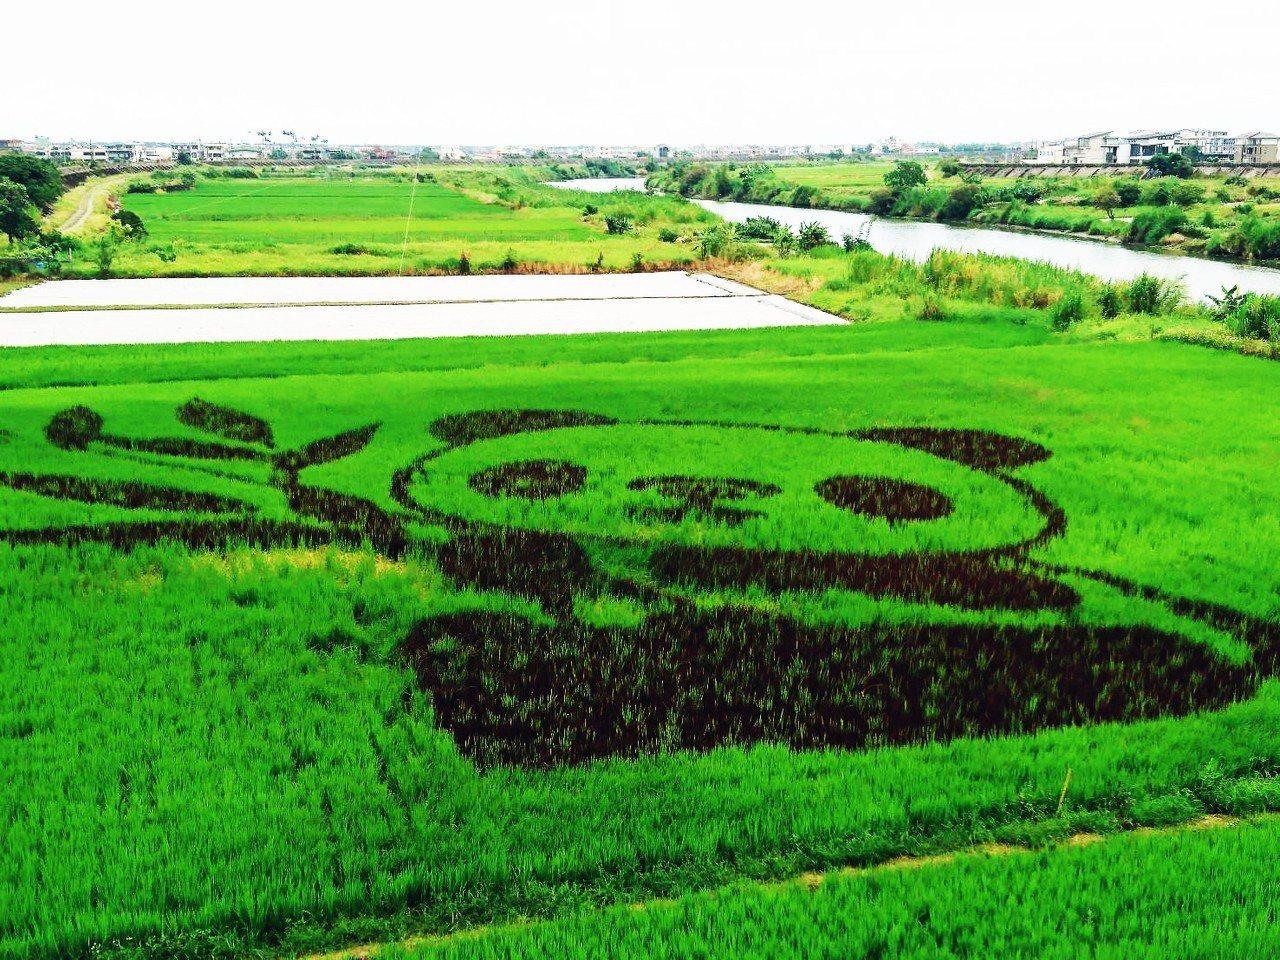 宜蘭縣壯圍鄉公所去年推出彩繪稻田,稻田裡長出貓熊,今年則是企鵝家族。本報...